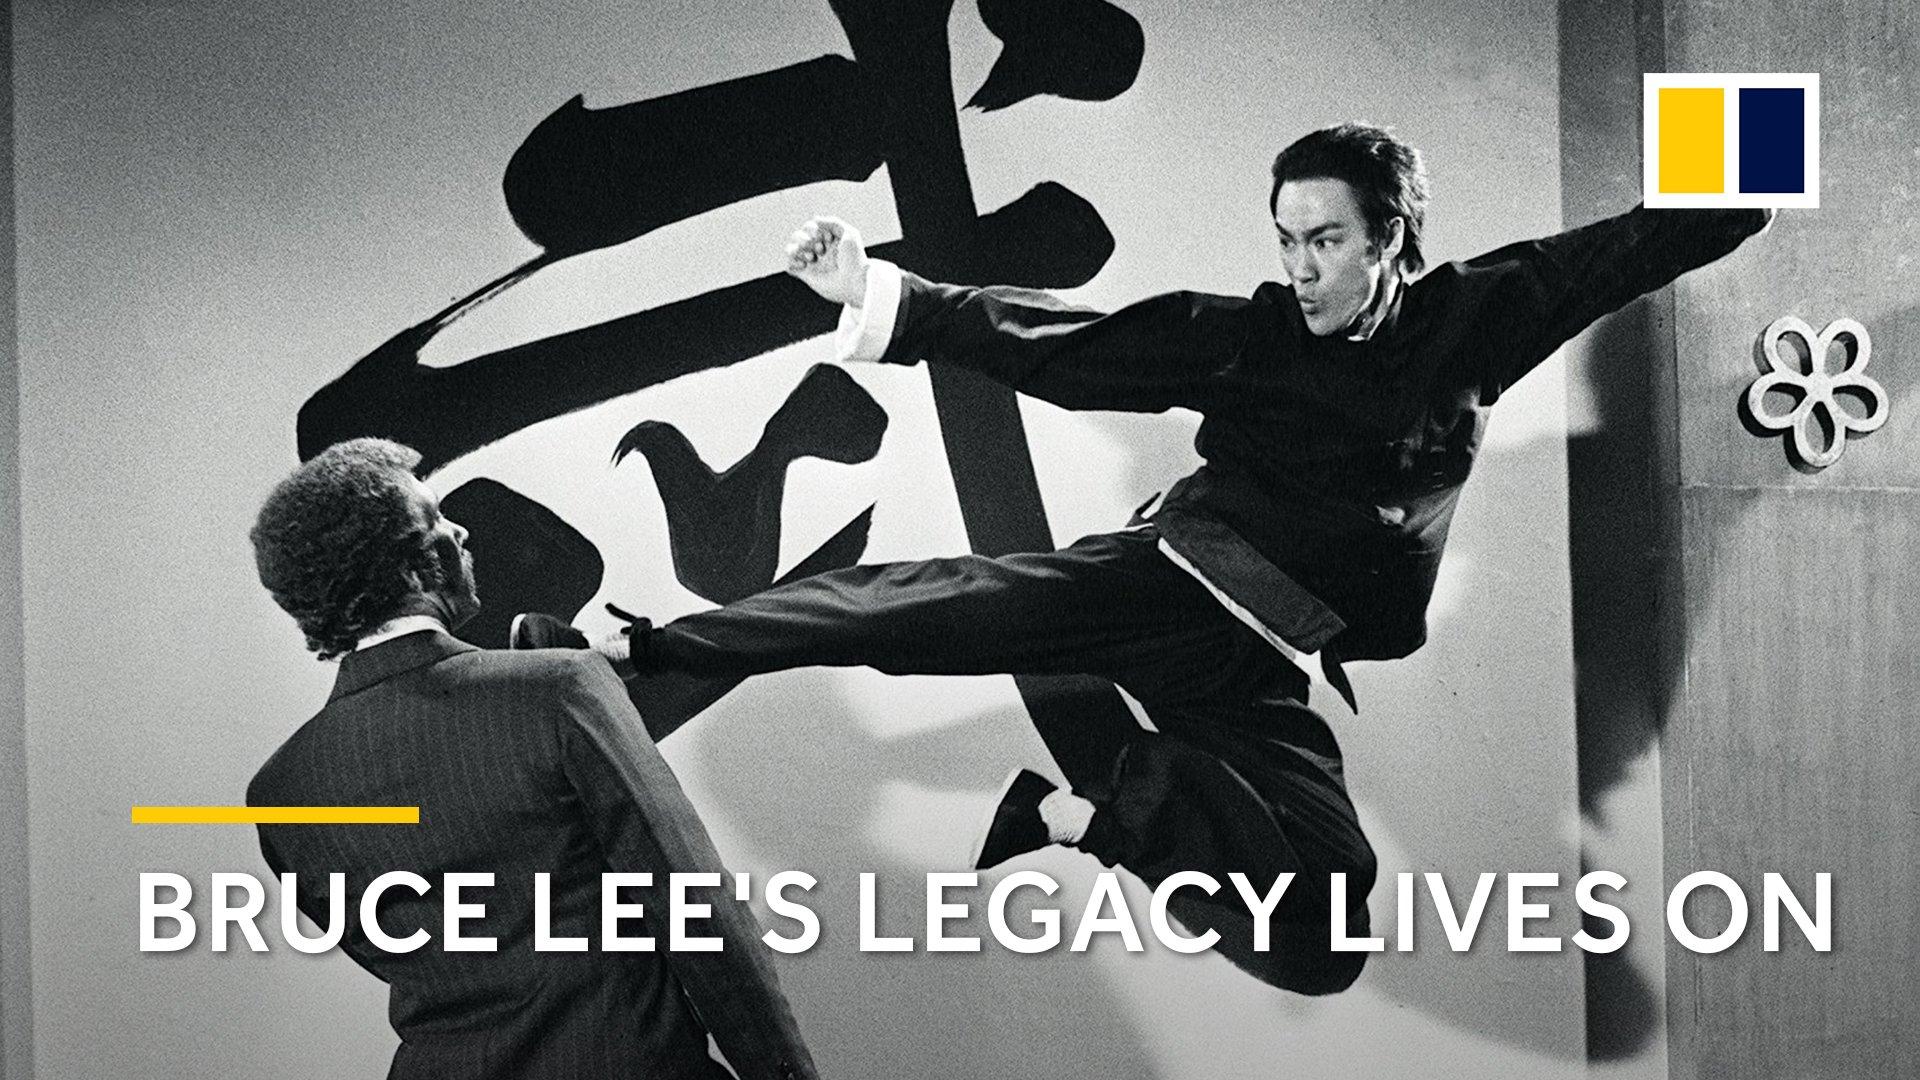 the legend of bruce lee 2008 soundtrack